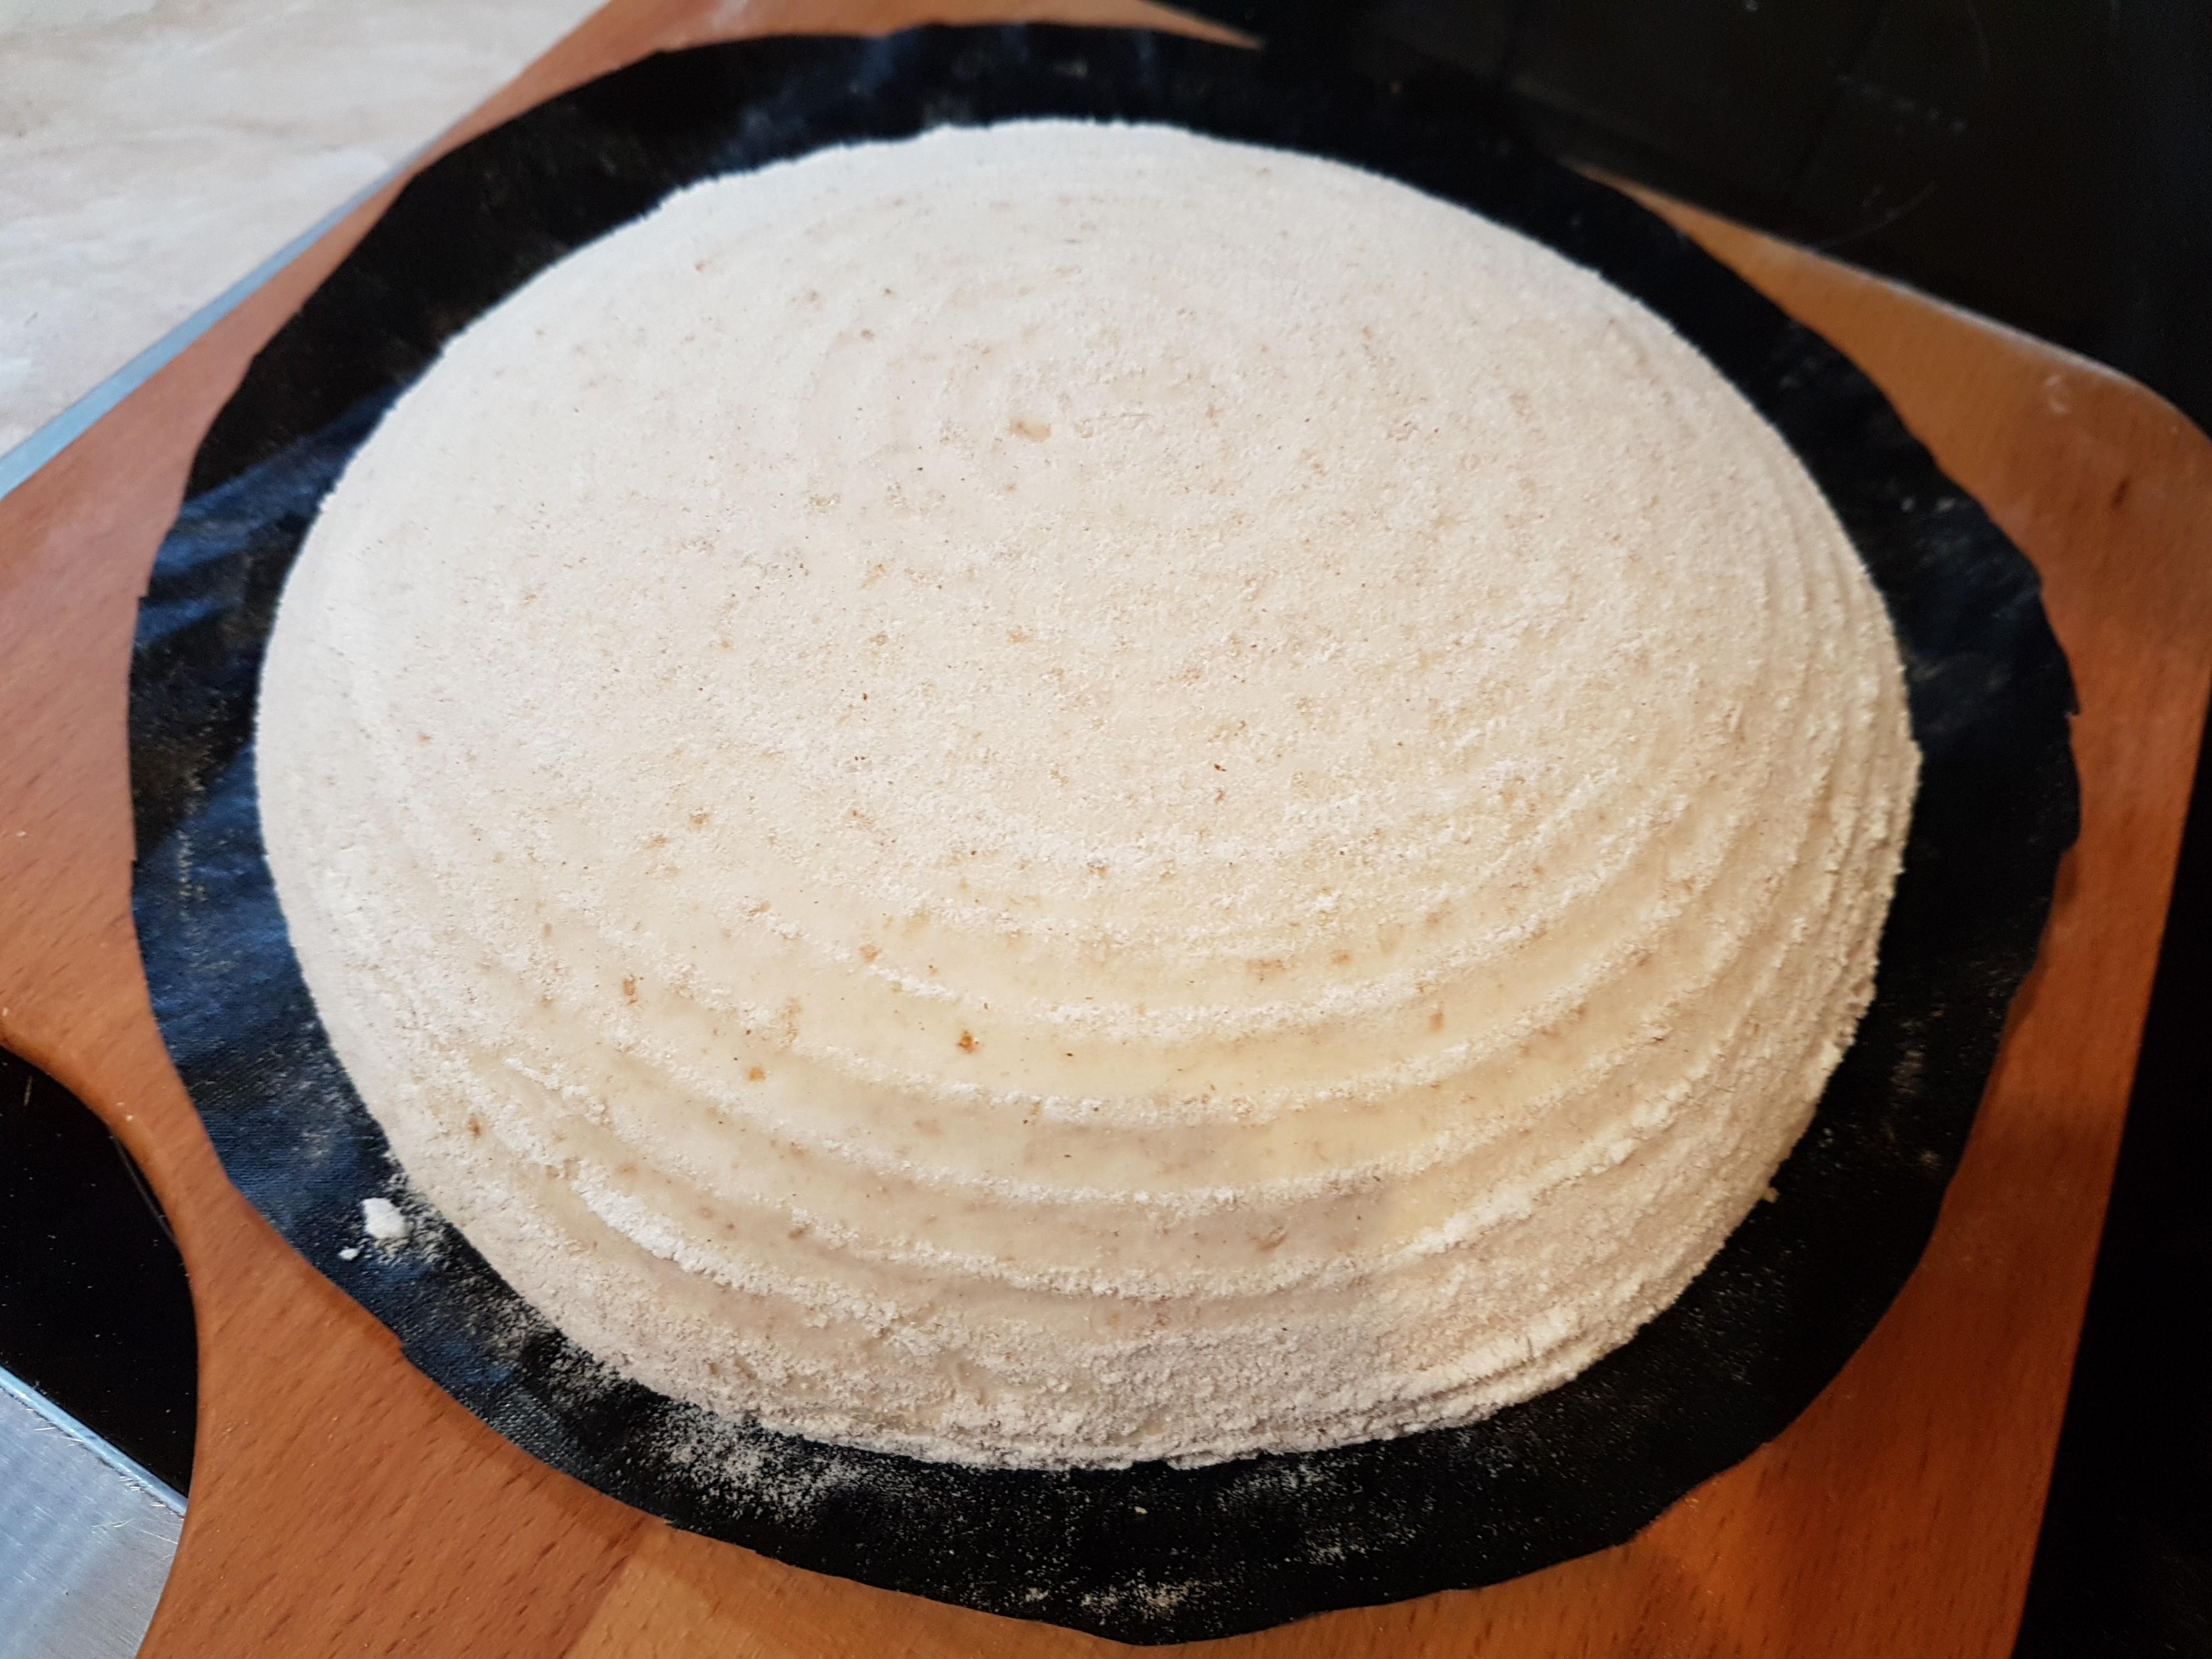 szakajtóból sütőfóliára borítva